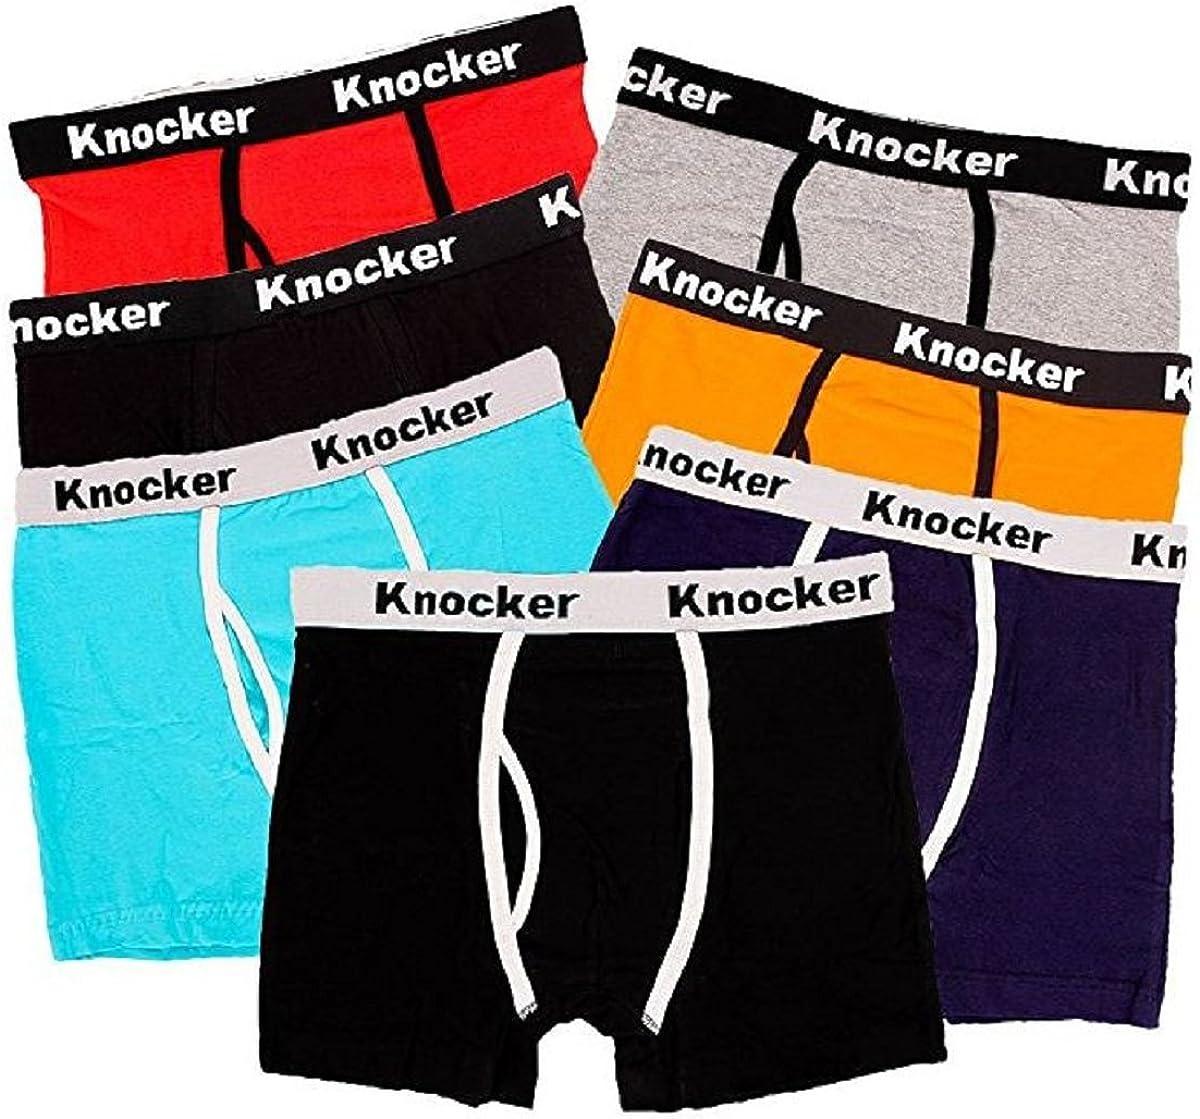 Knocker Men's 4 Pack of Stretch Cotton Color Boxer Briefs